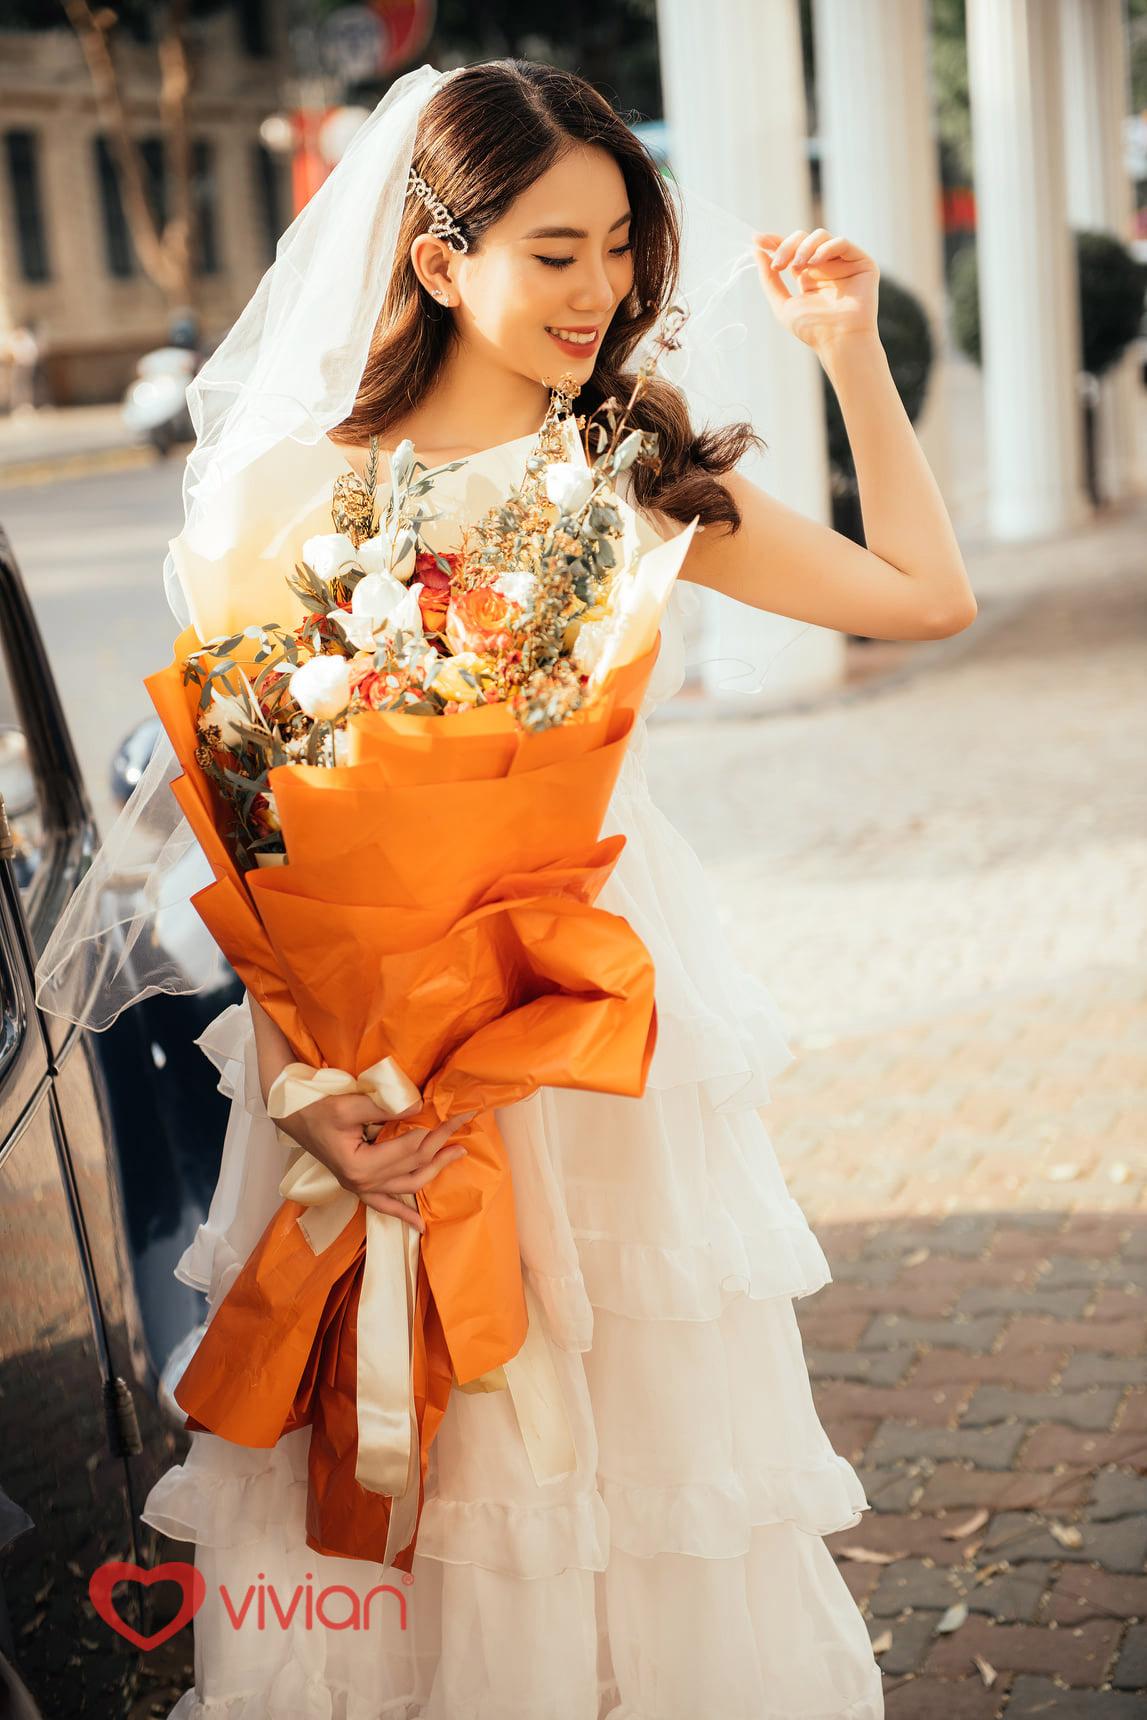 Chụp ảnh cưới ngoại cảnh nên mặc đồ gì